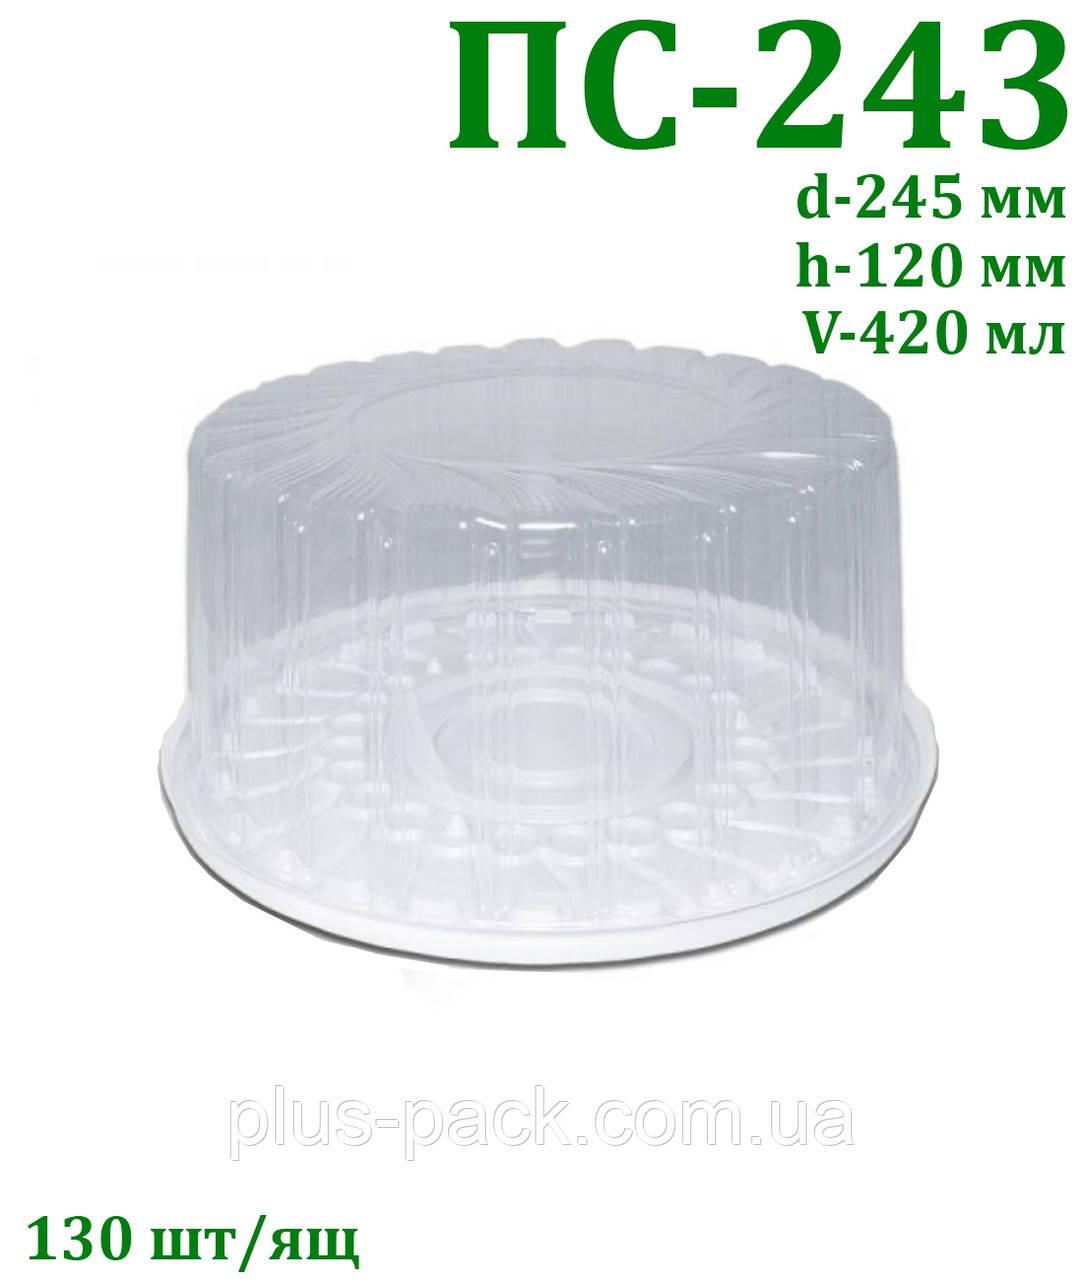 Блистерная коробка для тортов (1 кг)